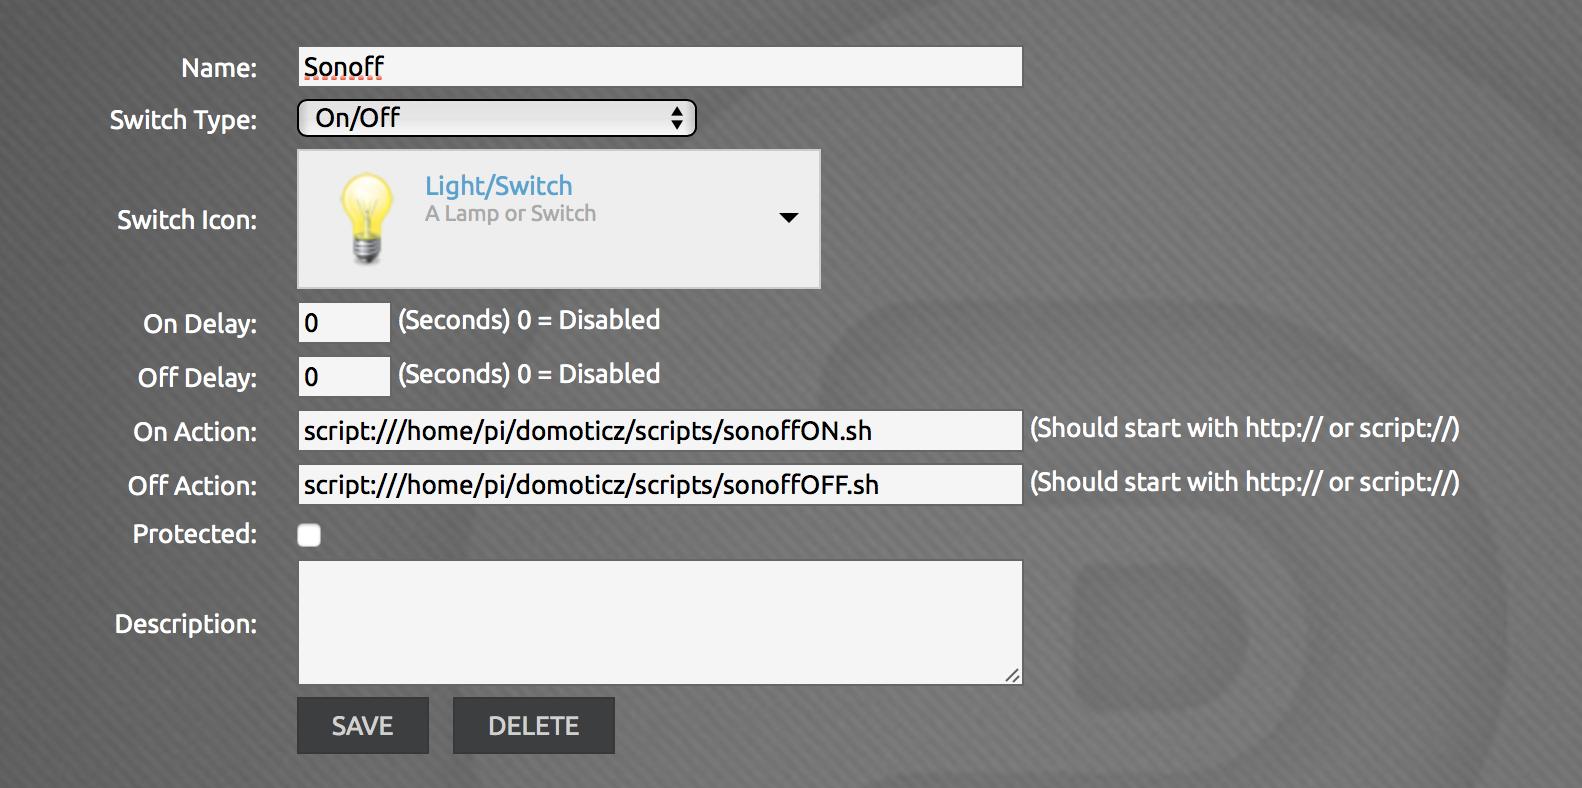 Come usare il Sonoff con HomeKit